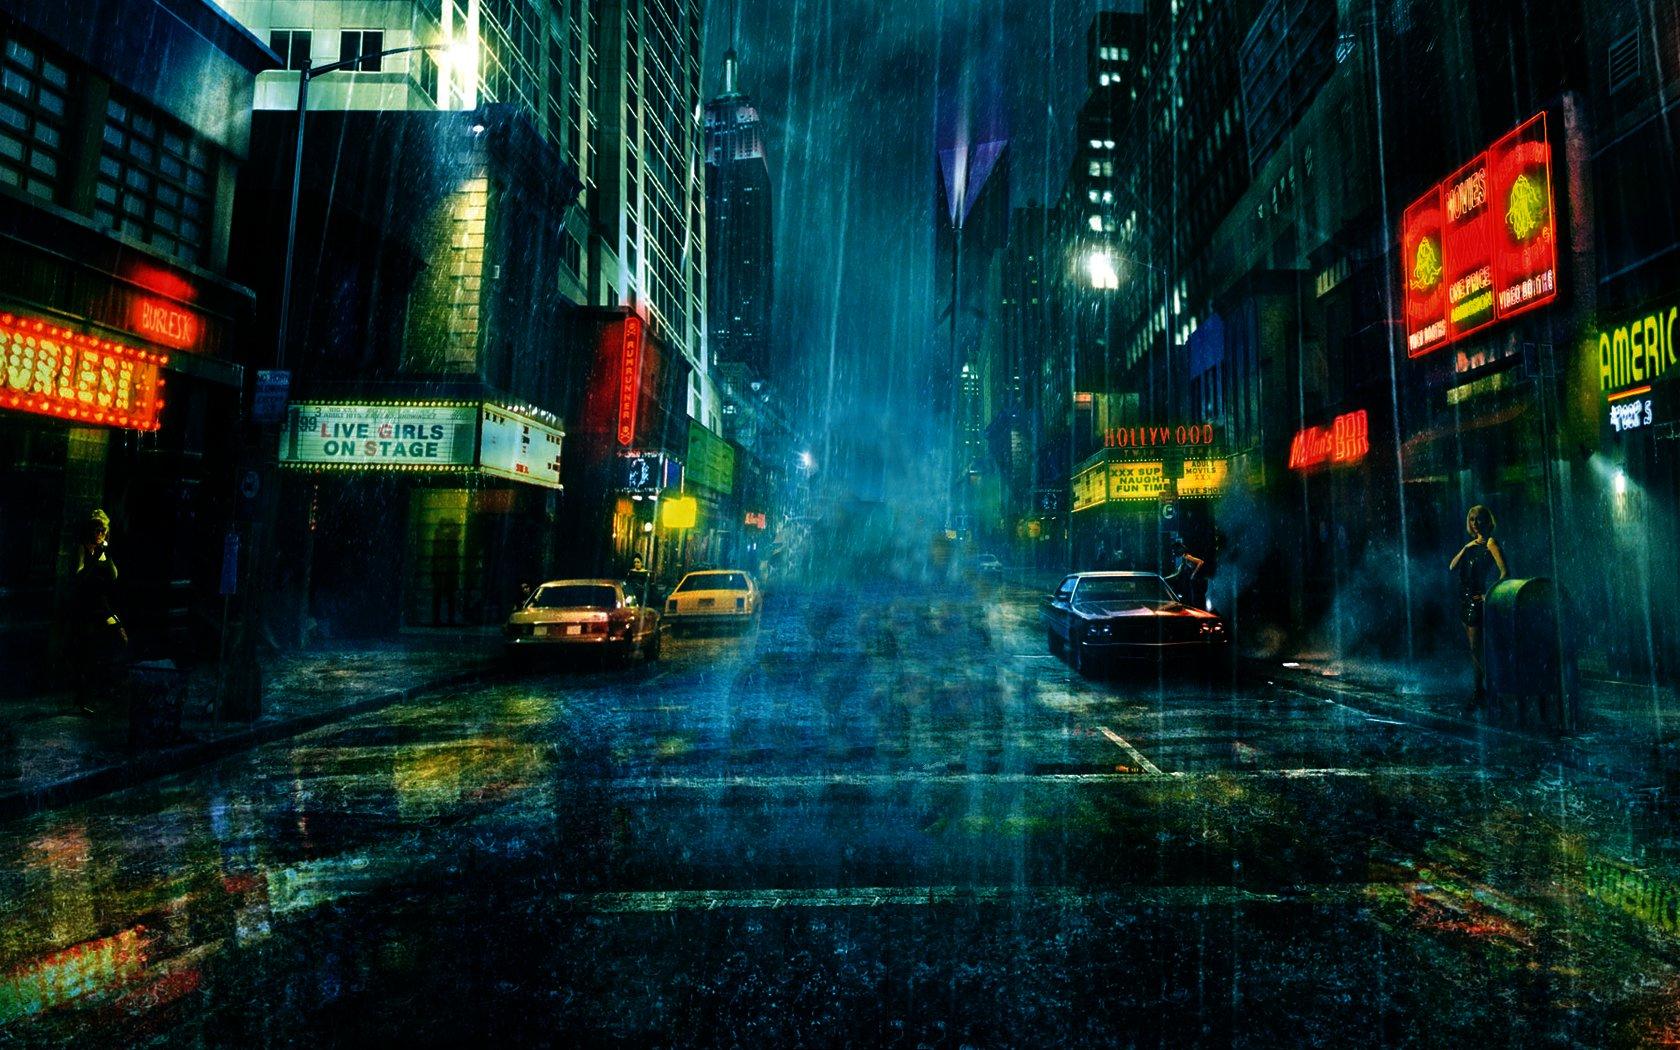 Sfondi desktop hd citt sotto la pioggia sfondi hd gratis for Sfondi pc in 3d